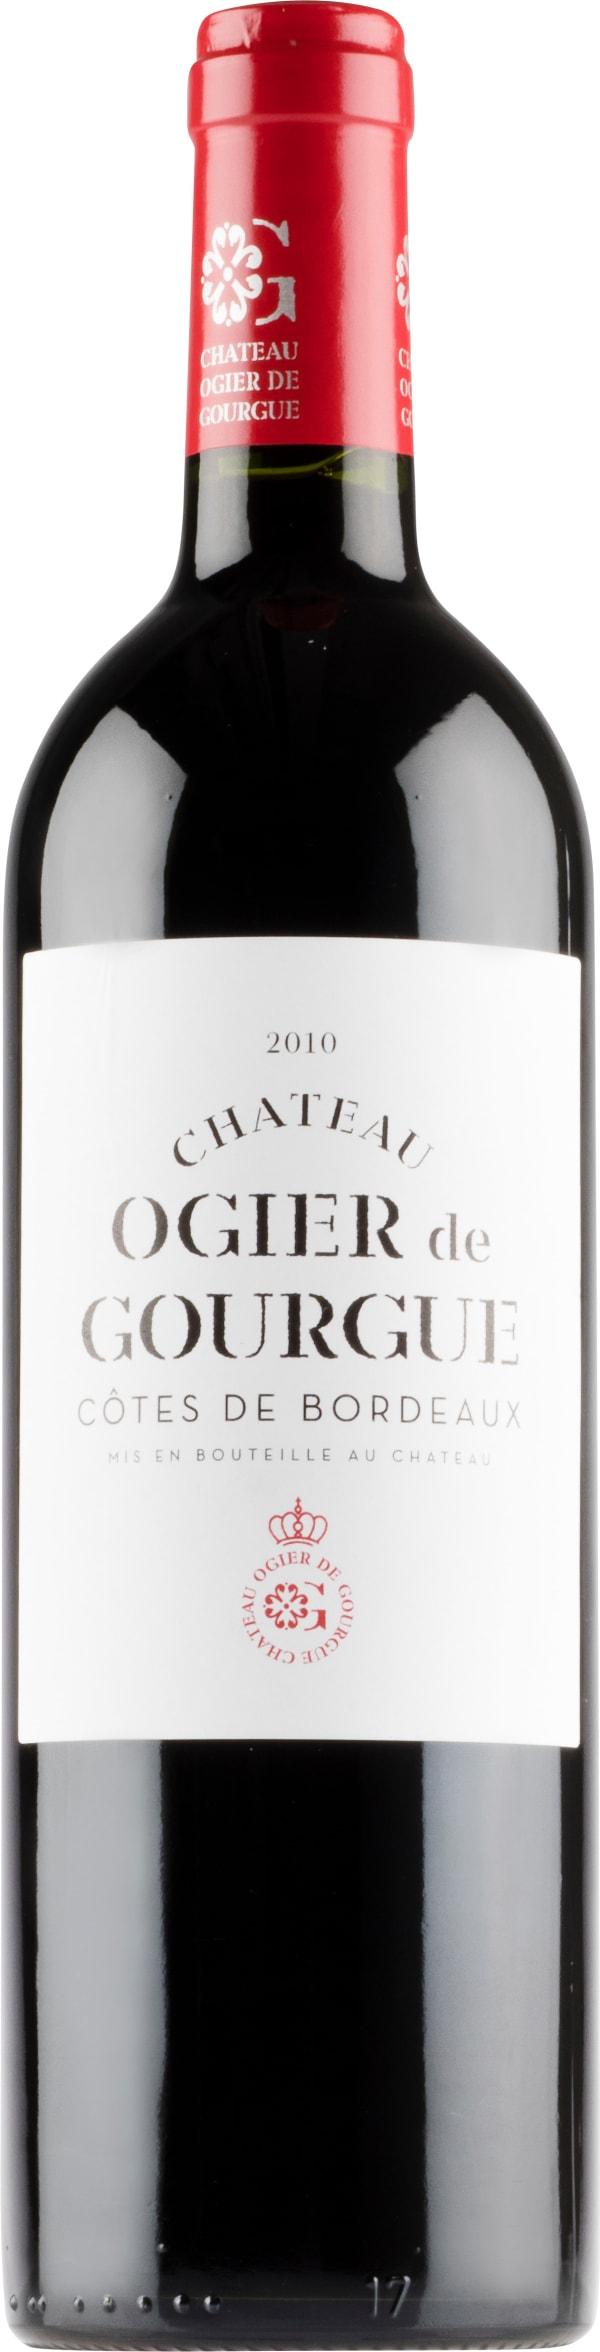 Château Ogier de Gourgue 2015